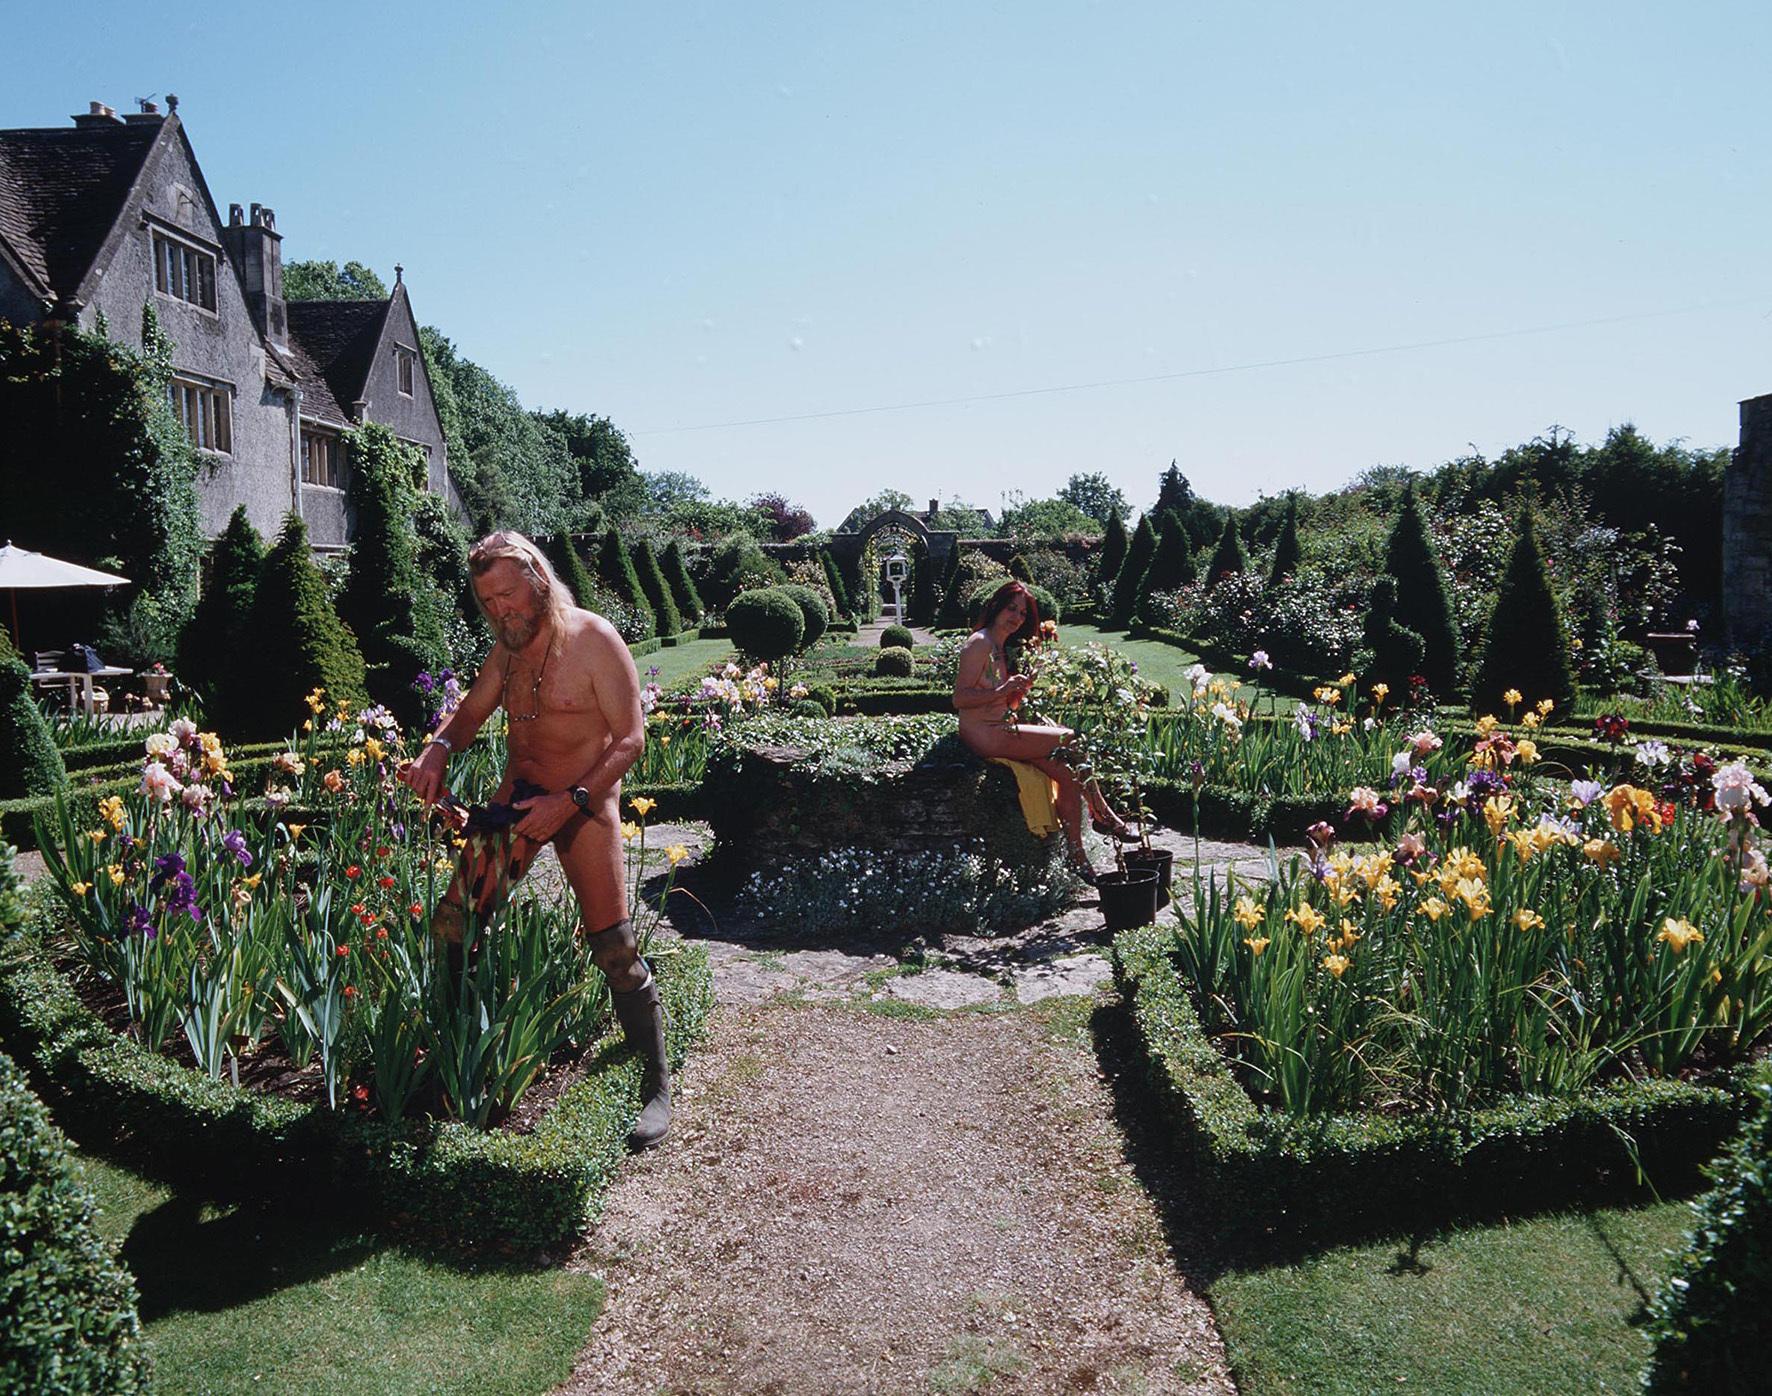 Lopen je buren naakt in de tuin? Dat kan kloppen